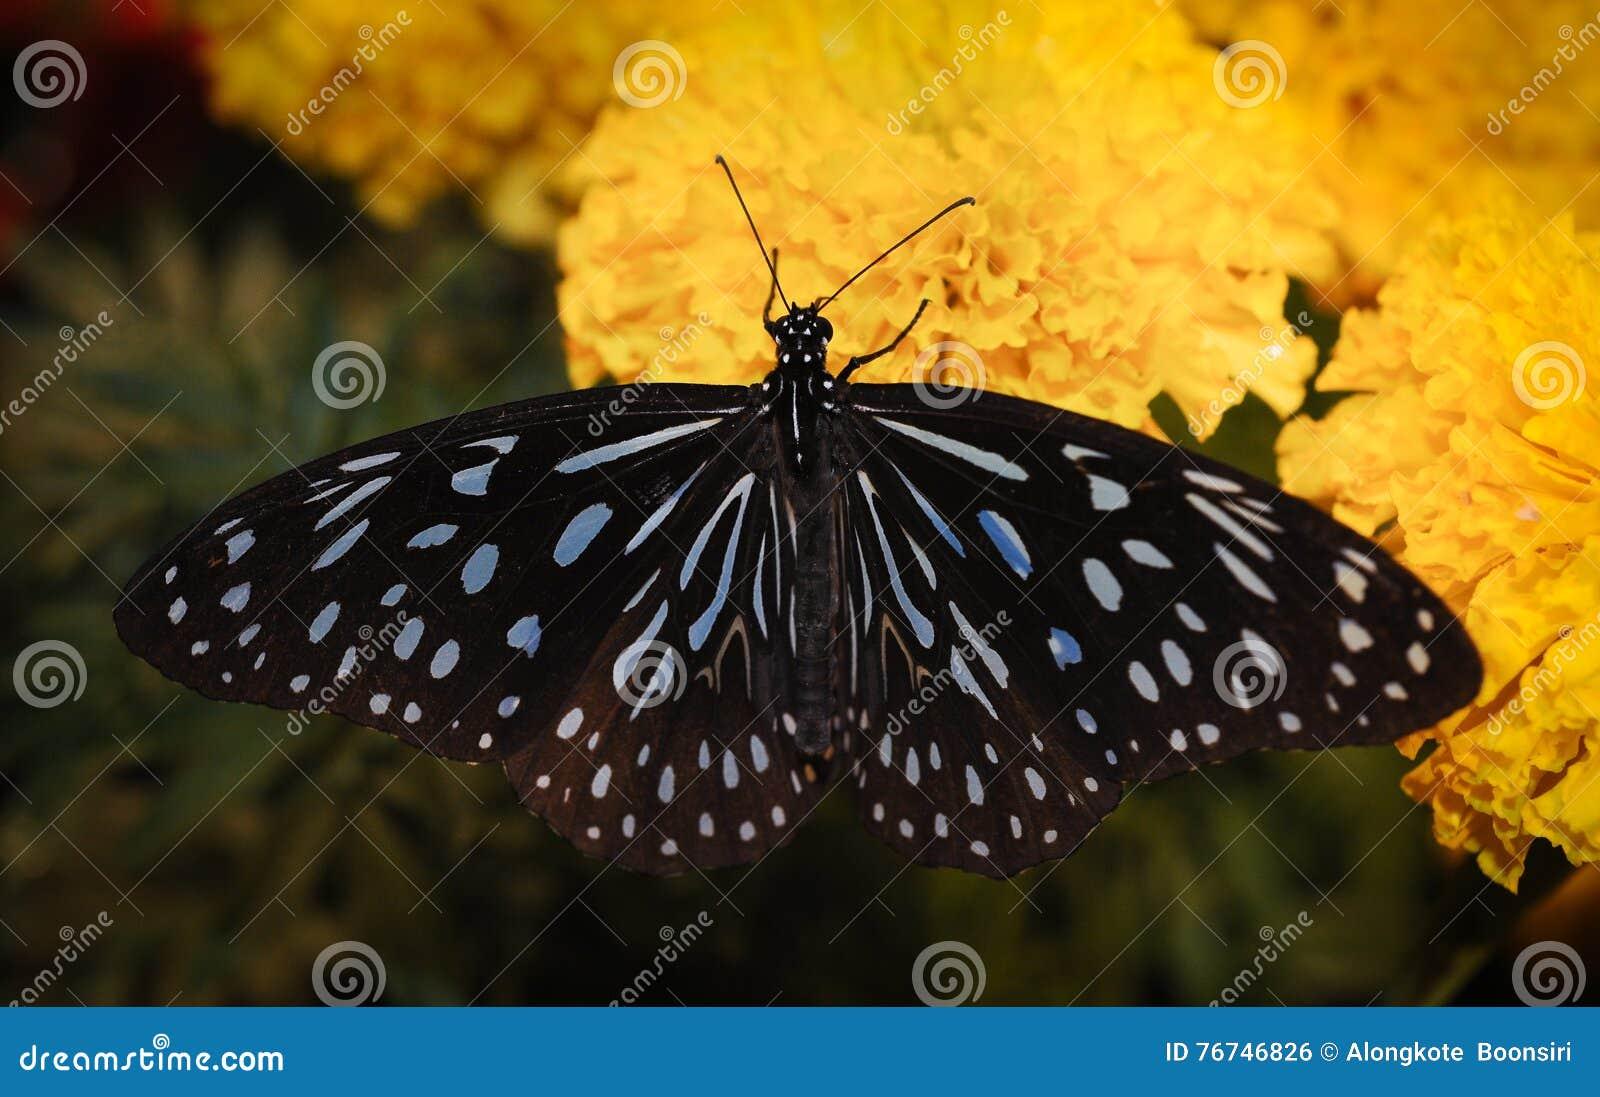 Вызвал ночную бабочку смотреть онлайн